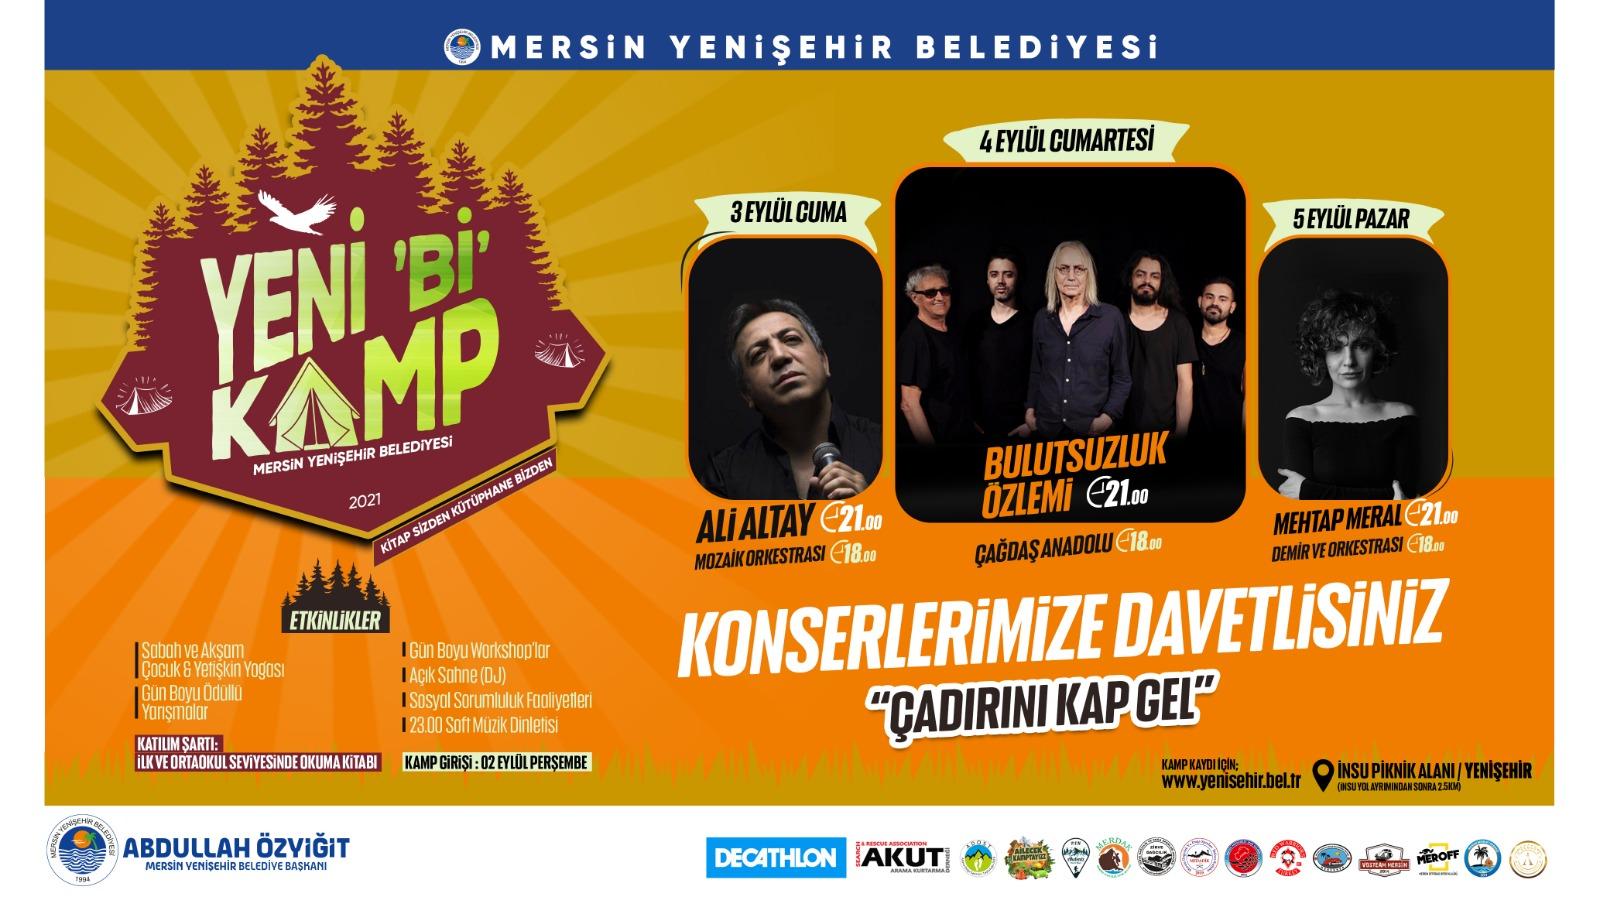 Yenişehir Belediyesi, doğaseverleri Yeni 'Bİ' Kampta buluşturacak